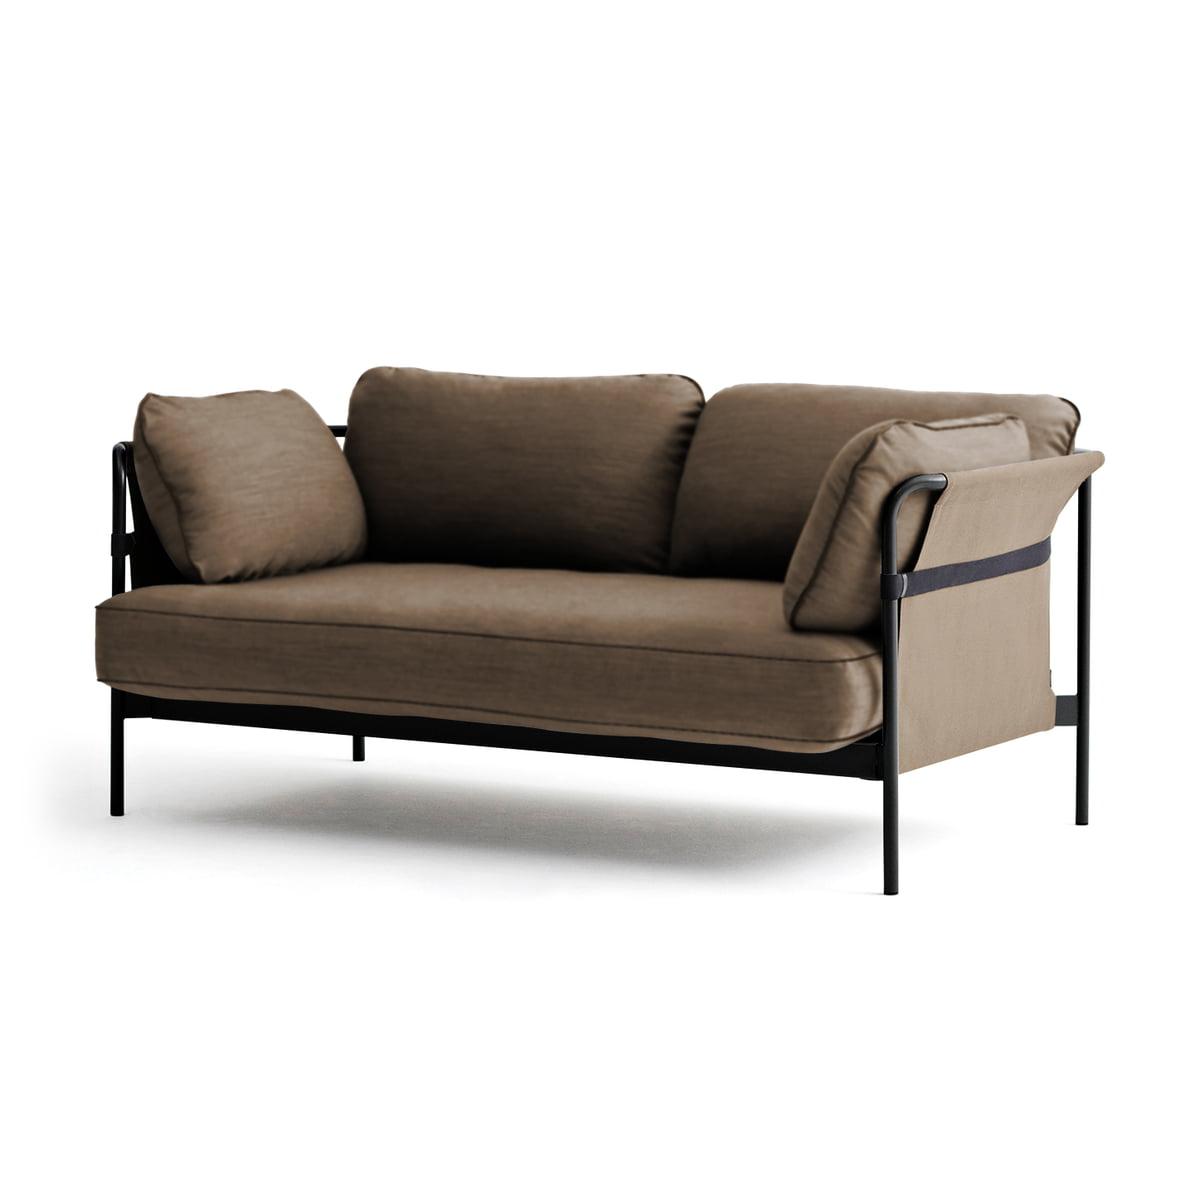 Hay can sofa 2 sitzer schwarz canvas army canvas arm